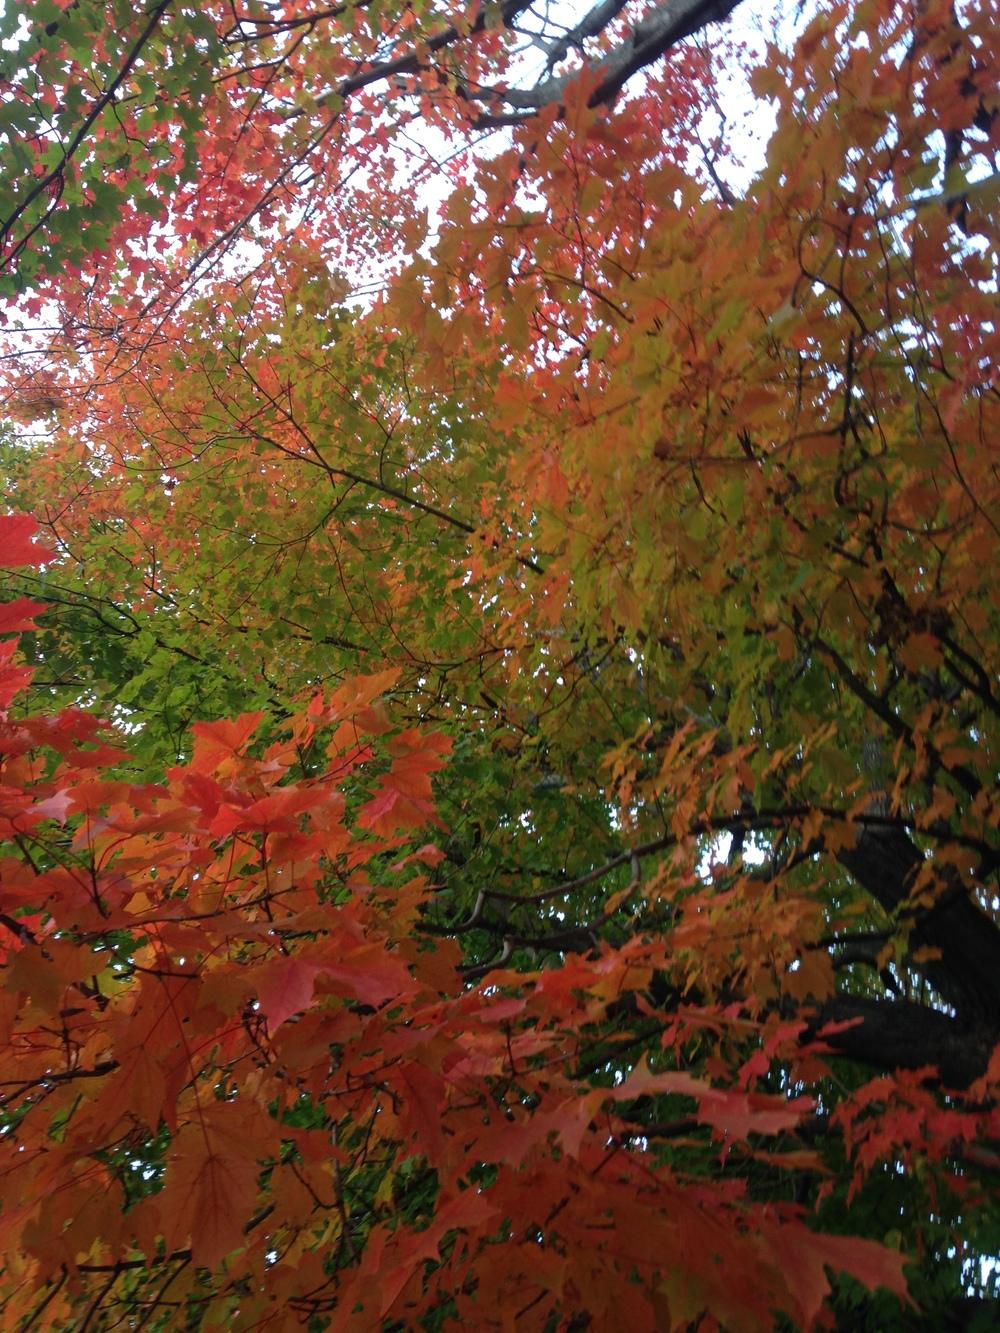 Striking-Fall-Leaves.jpg